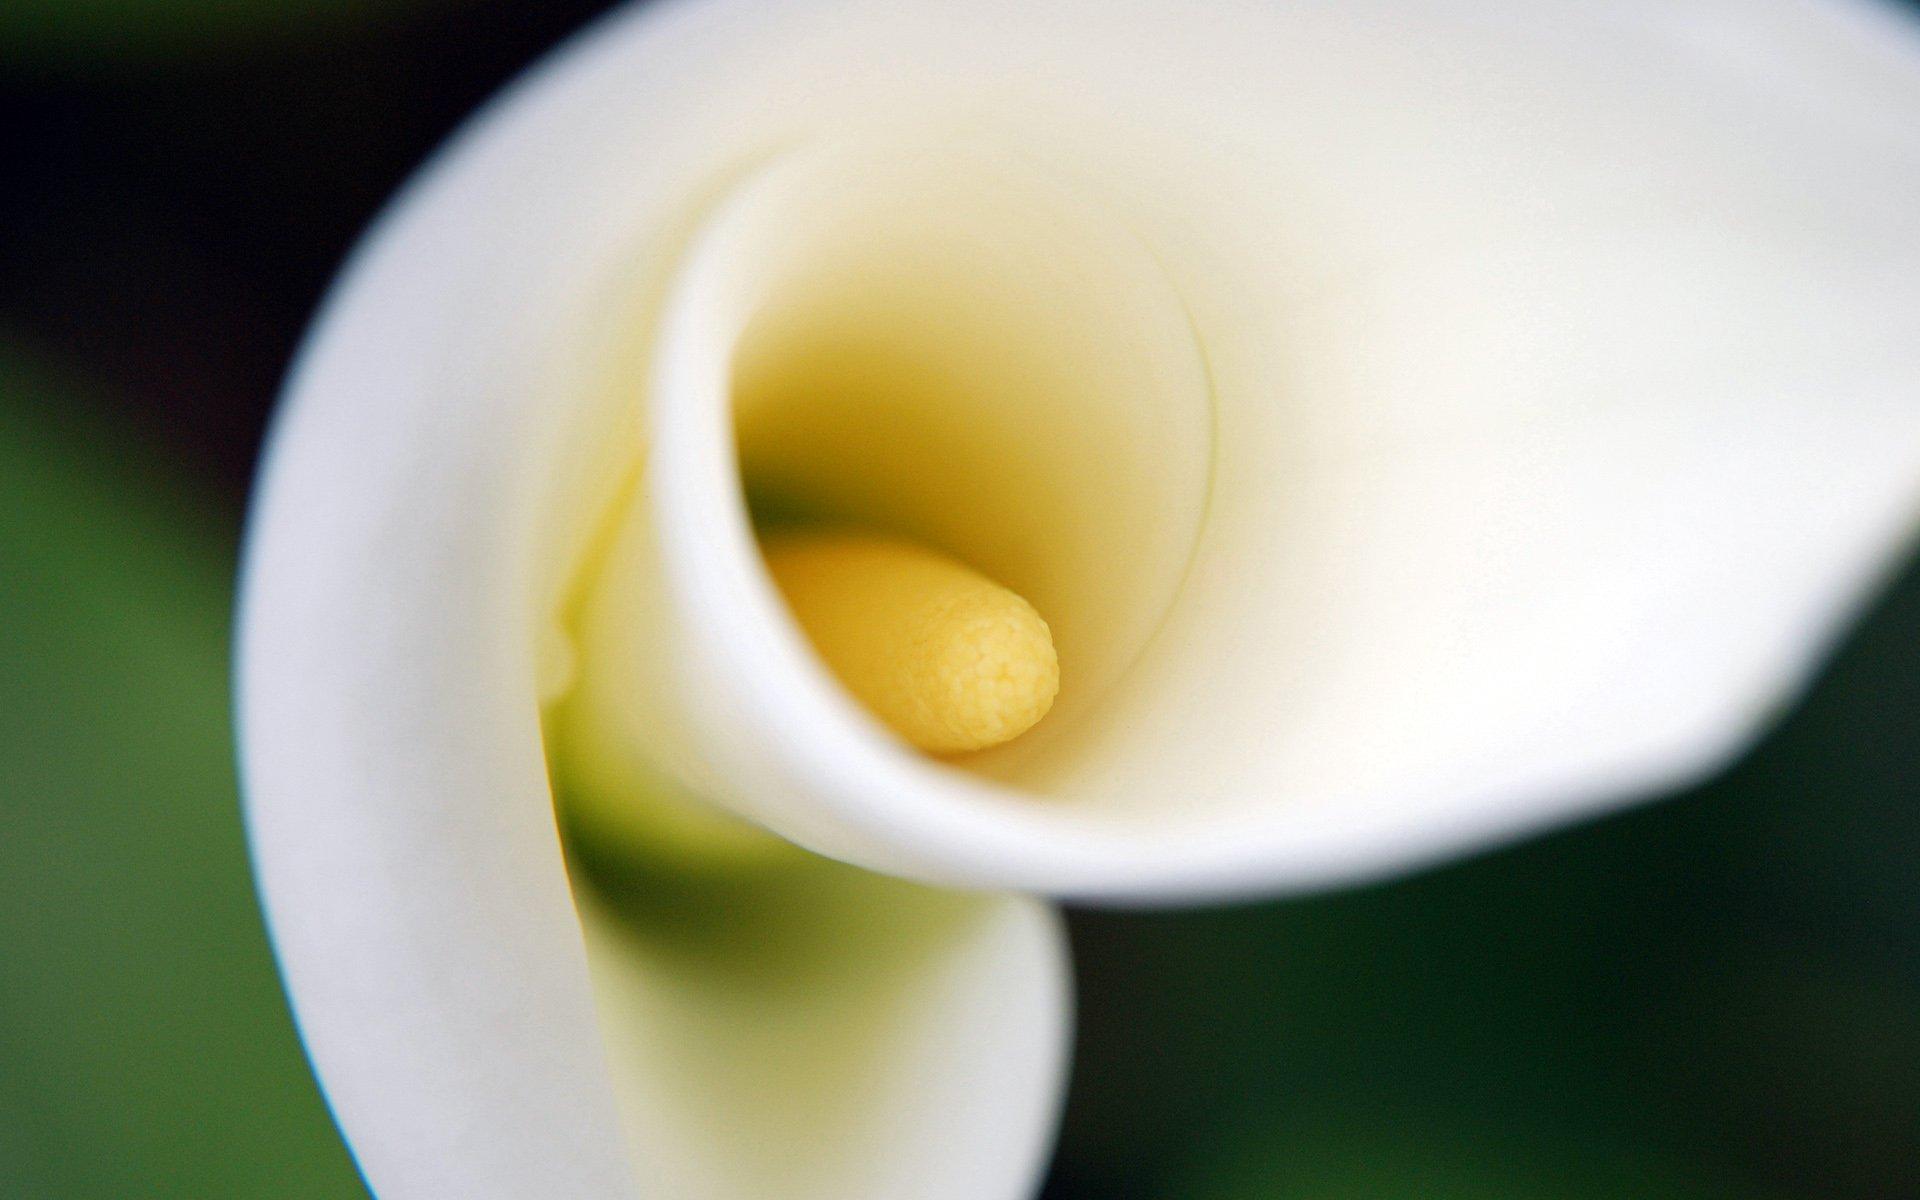 壁纸1920×1200朦胧花朵柔美 宽屏壁纸 壁纸97壁纸 朦胧花朵柔美 宽屏壁壁纸图片系统壁纸系统图片素材桌面壁纸